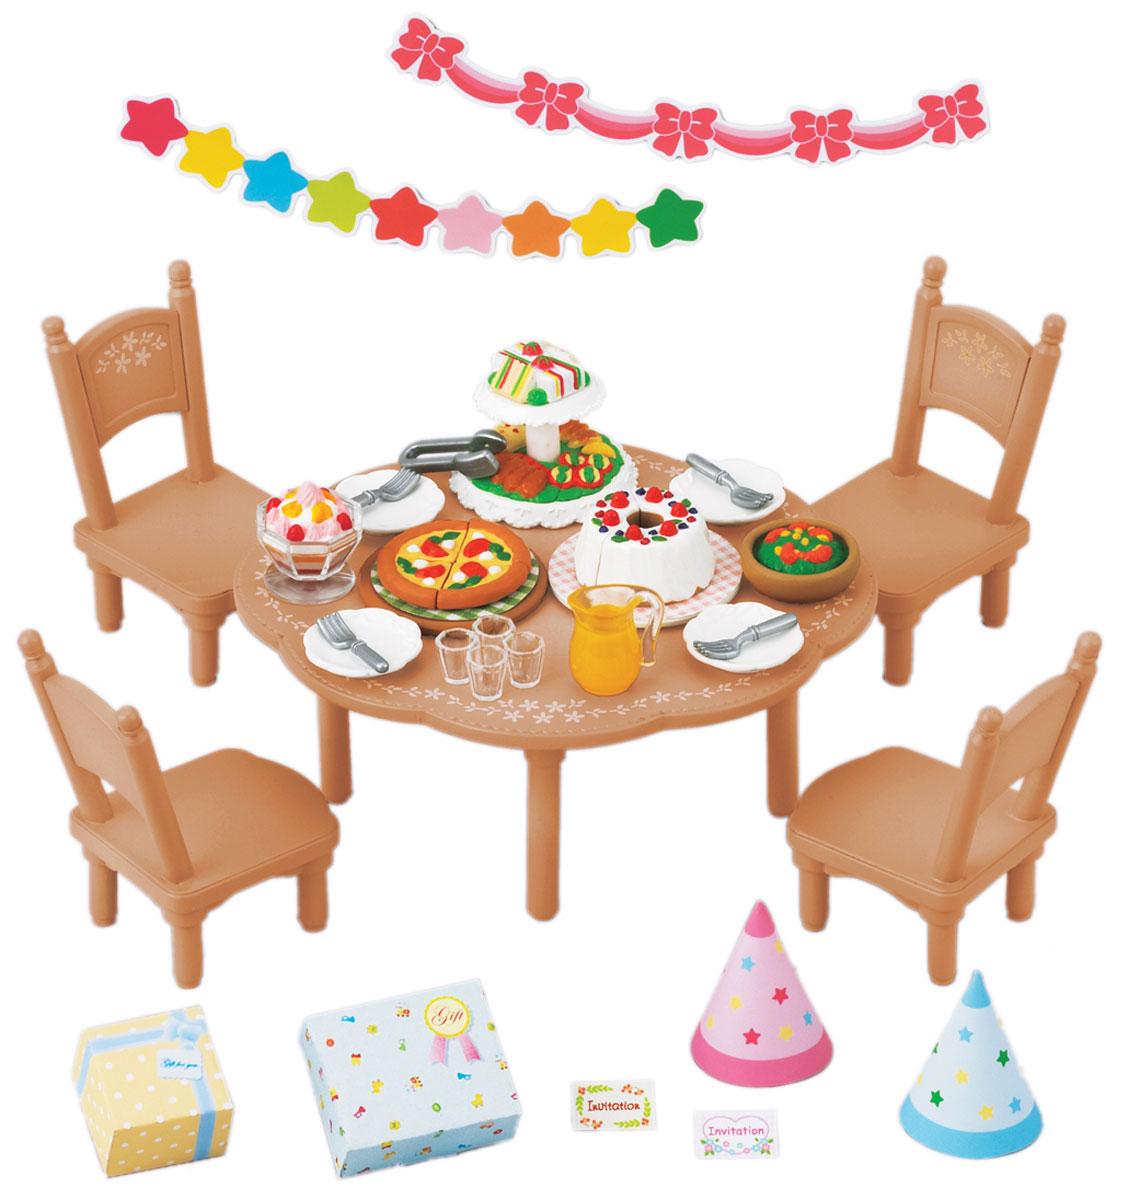 Sylvanian Families Игровой набор Вечеринка2932Игровой набор Вечеринка привлечет внимание вашего ребенка и станет отличным подарком для поклонников жителей чудесной страны Sylvanian Families. В комплект входит стол, четыре стула, праздничные блюда, посуда, украшения и колпаки. Компания была основана в 1985 году, в Японии. Sylvanian Families очень популярен в Европе и Азии, и, за долгие годы существования, компания смогла добиться больших успехов. 3 года подряд в Англии бренд Sylvanian Families был признан Игрушкой Года. Сегодня у героев Sylvanian Families есть собственное шоу, полнометражный мультфильм и сеть ресторанов, работающая по всей Японии. Sylvanian Families - это целый мир маленьких жителей, объединенных общей легендой. Жители страны Sylvanian Families - это кролики, белки, медведи, лисы и многие другие. У каждого из них есть дом, в котором есть все необходимое для счастливой жизни. В городе, где живут герои, есть школа, больница, рынок, пекарня, детский сад и множество других...